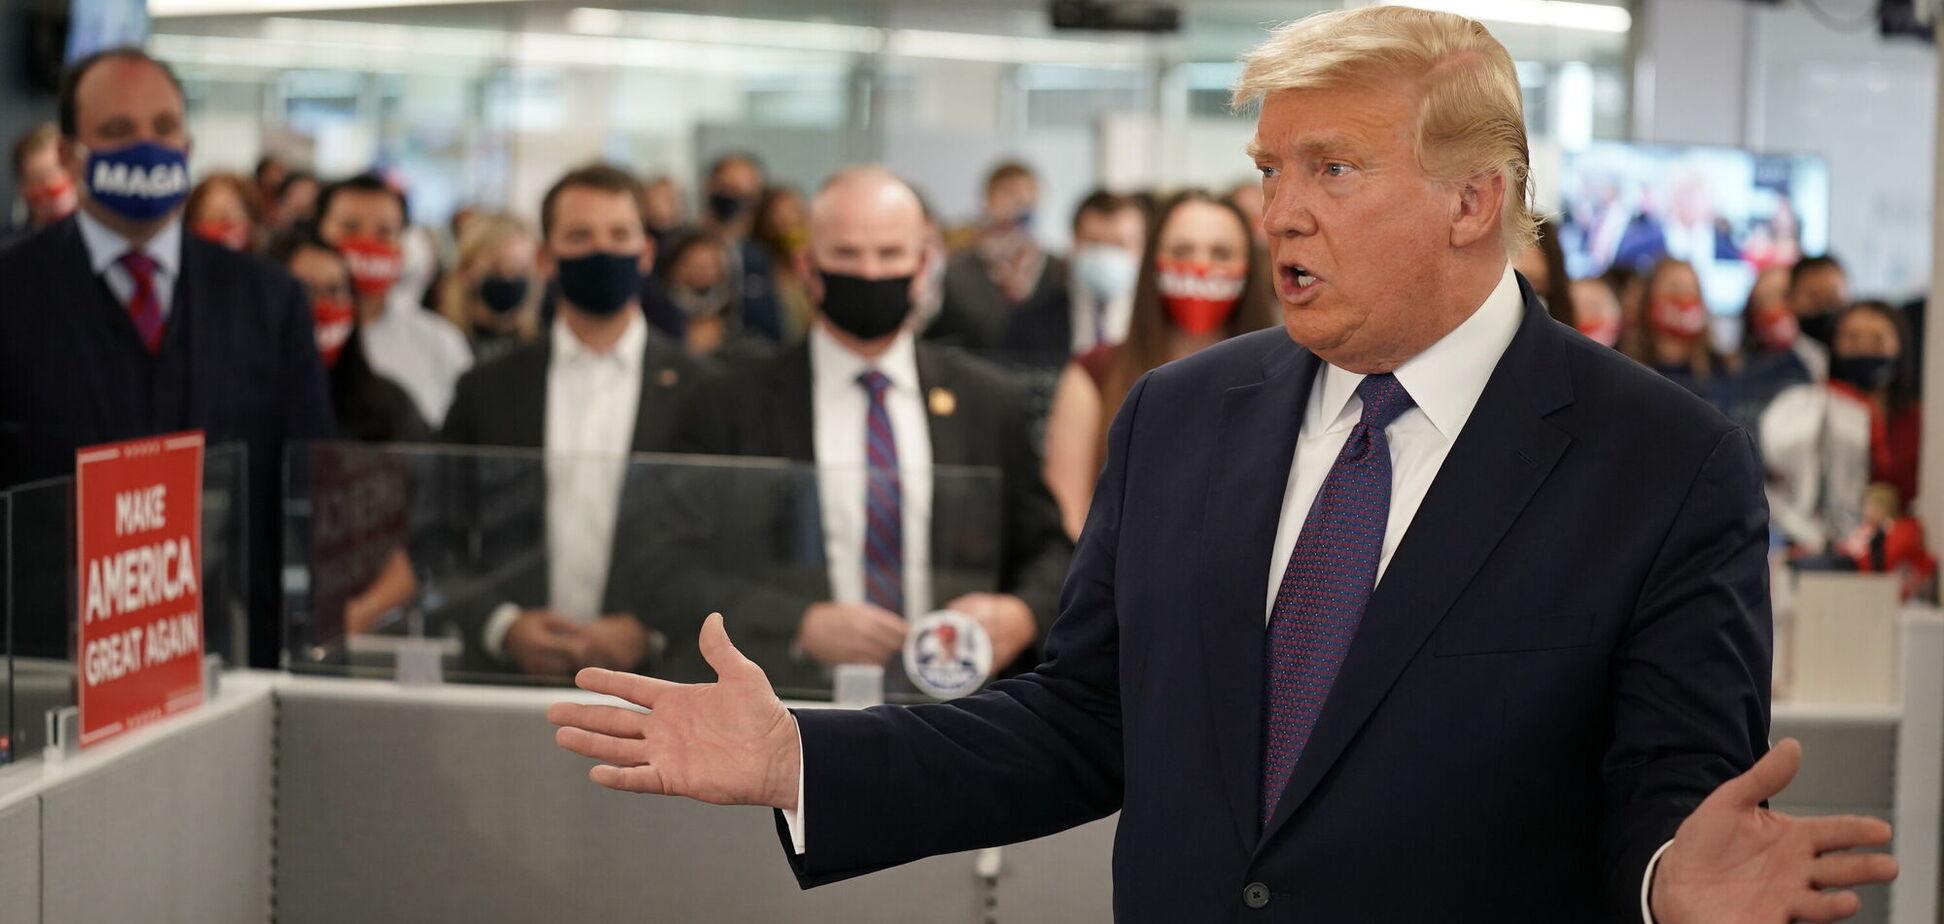 Трамп звинуватив демократів у маніпуляціях